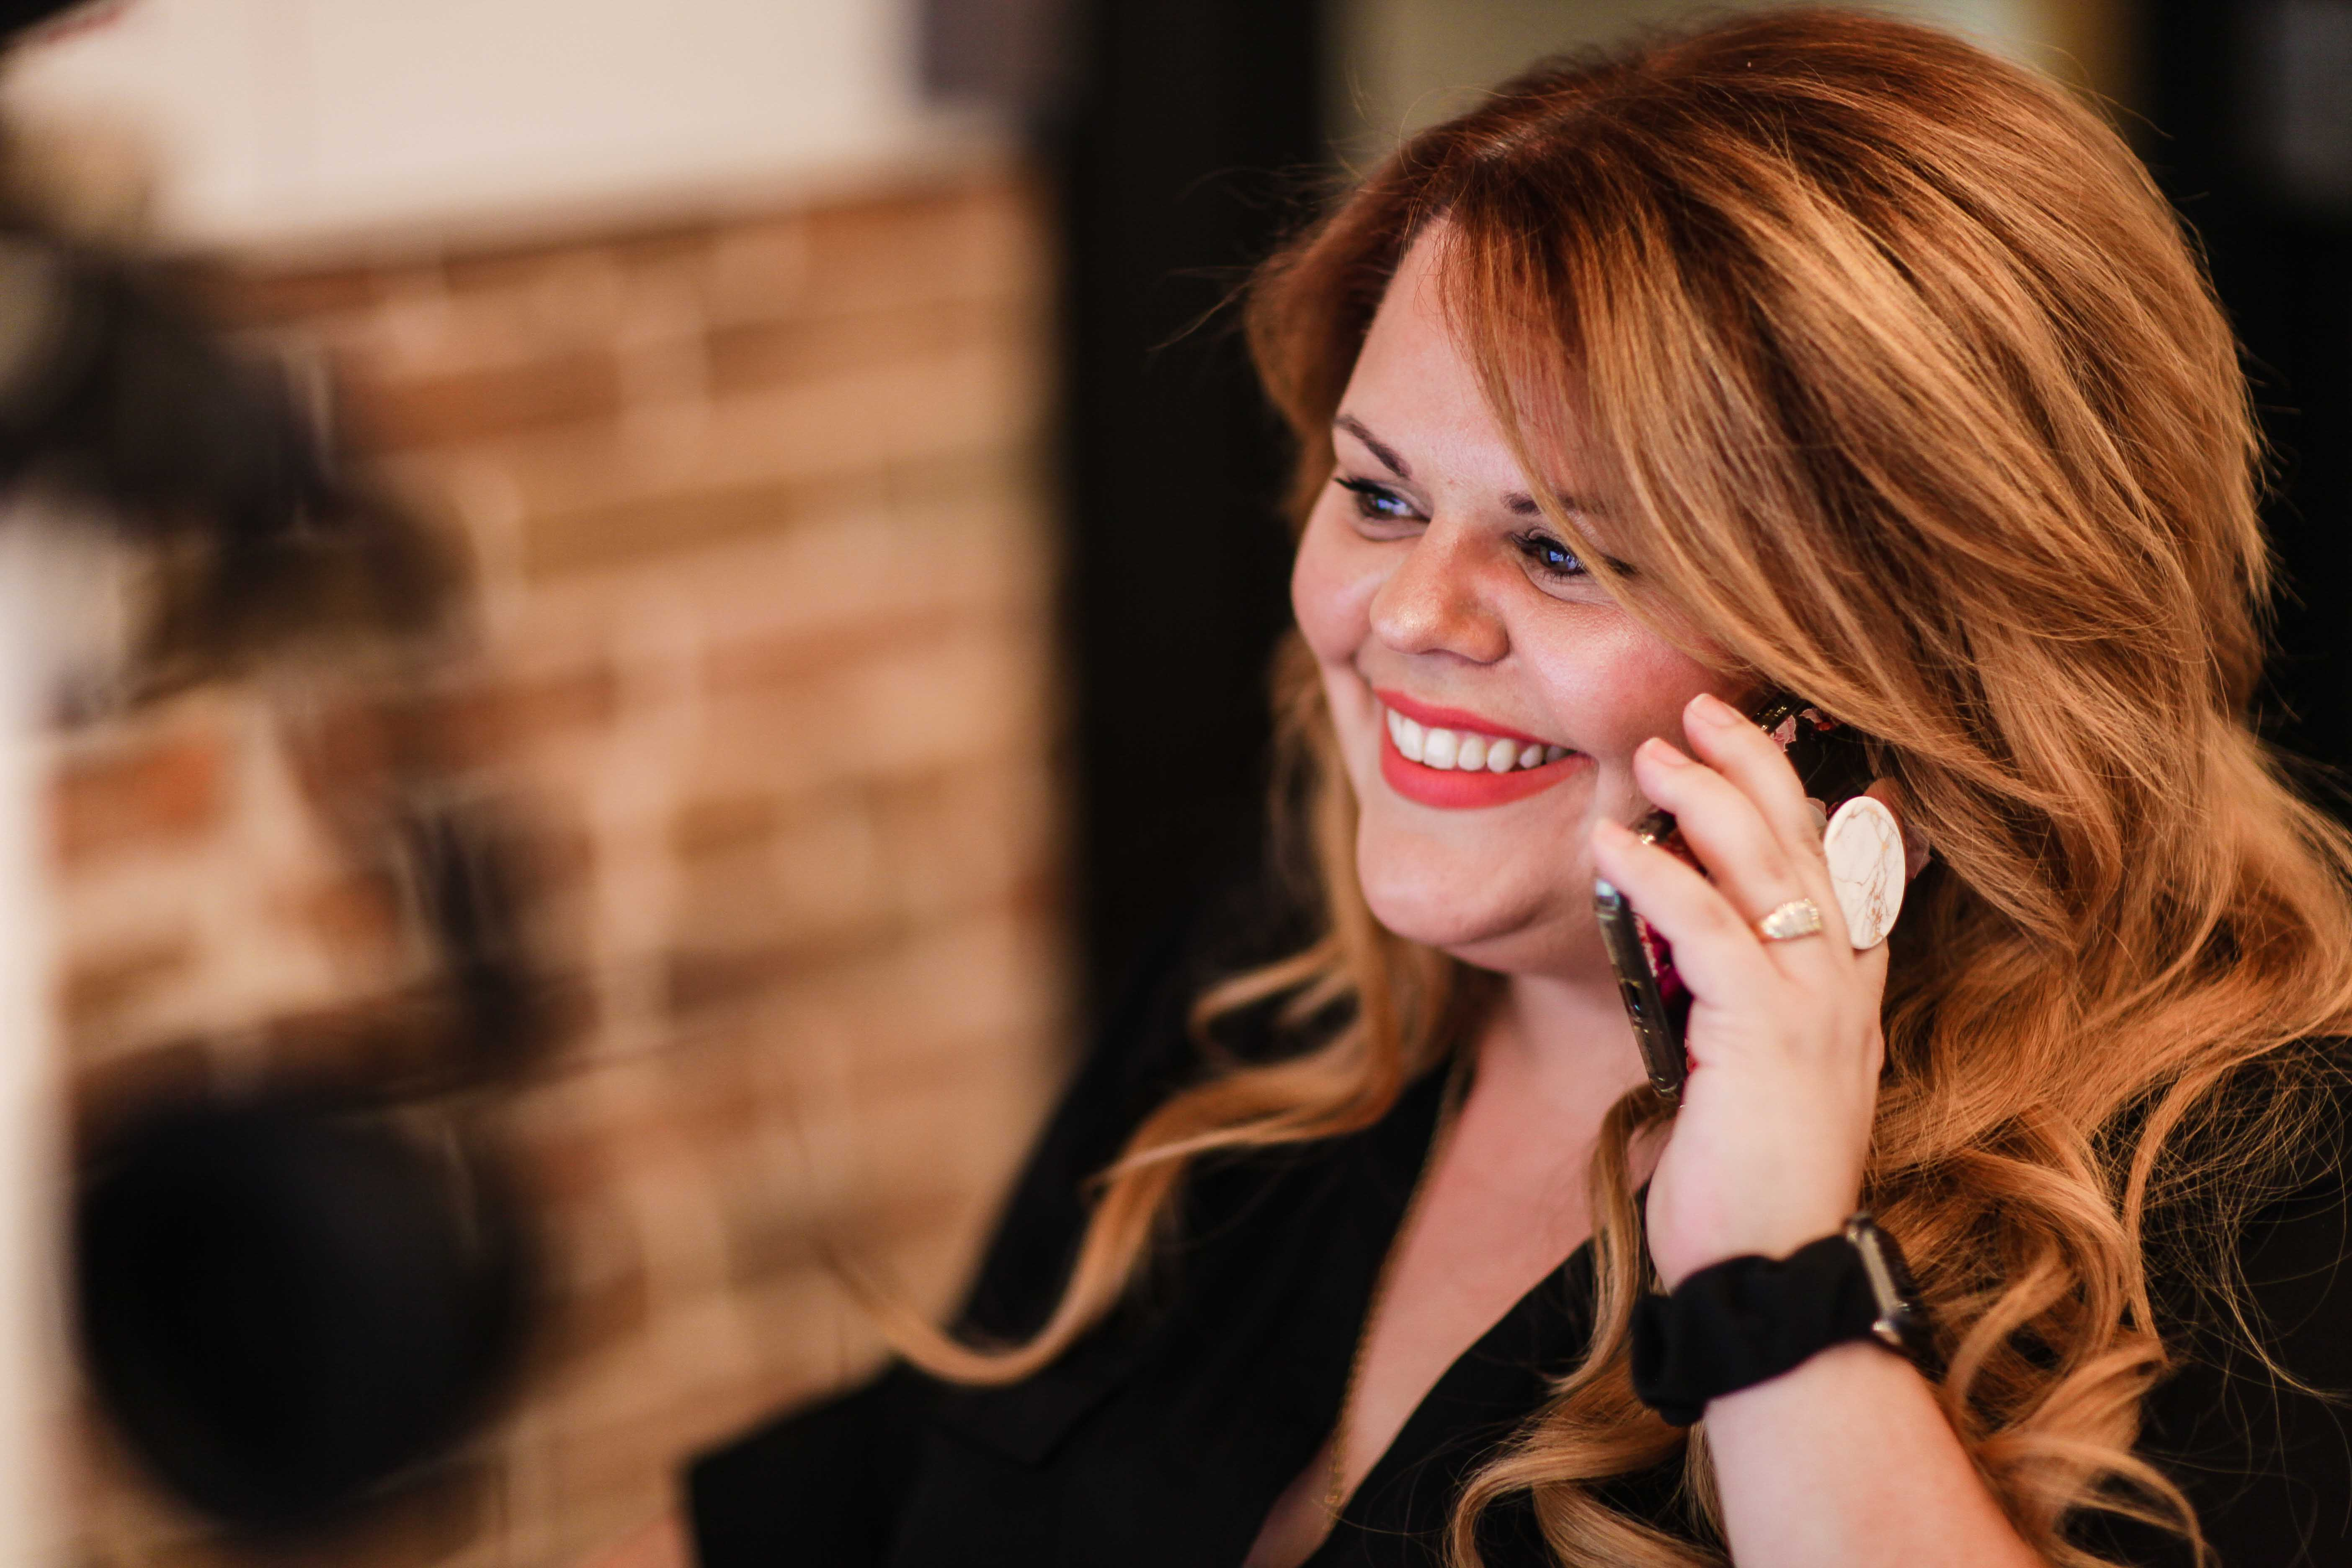 Karine Parthenais on the phone